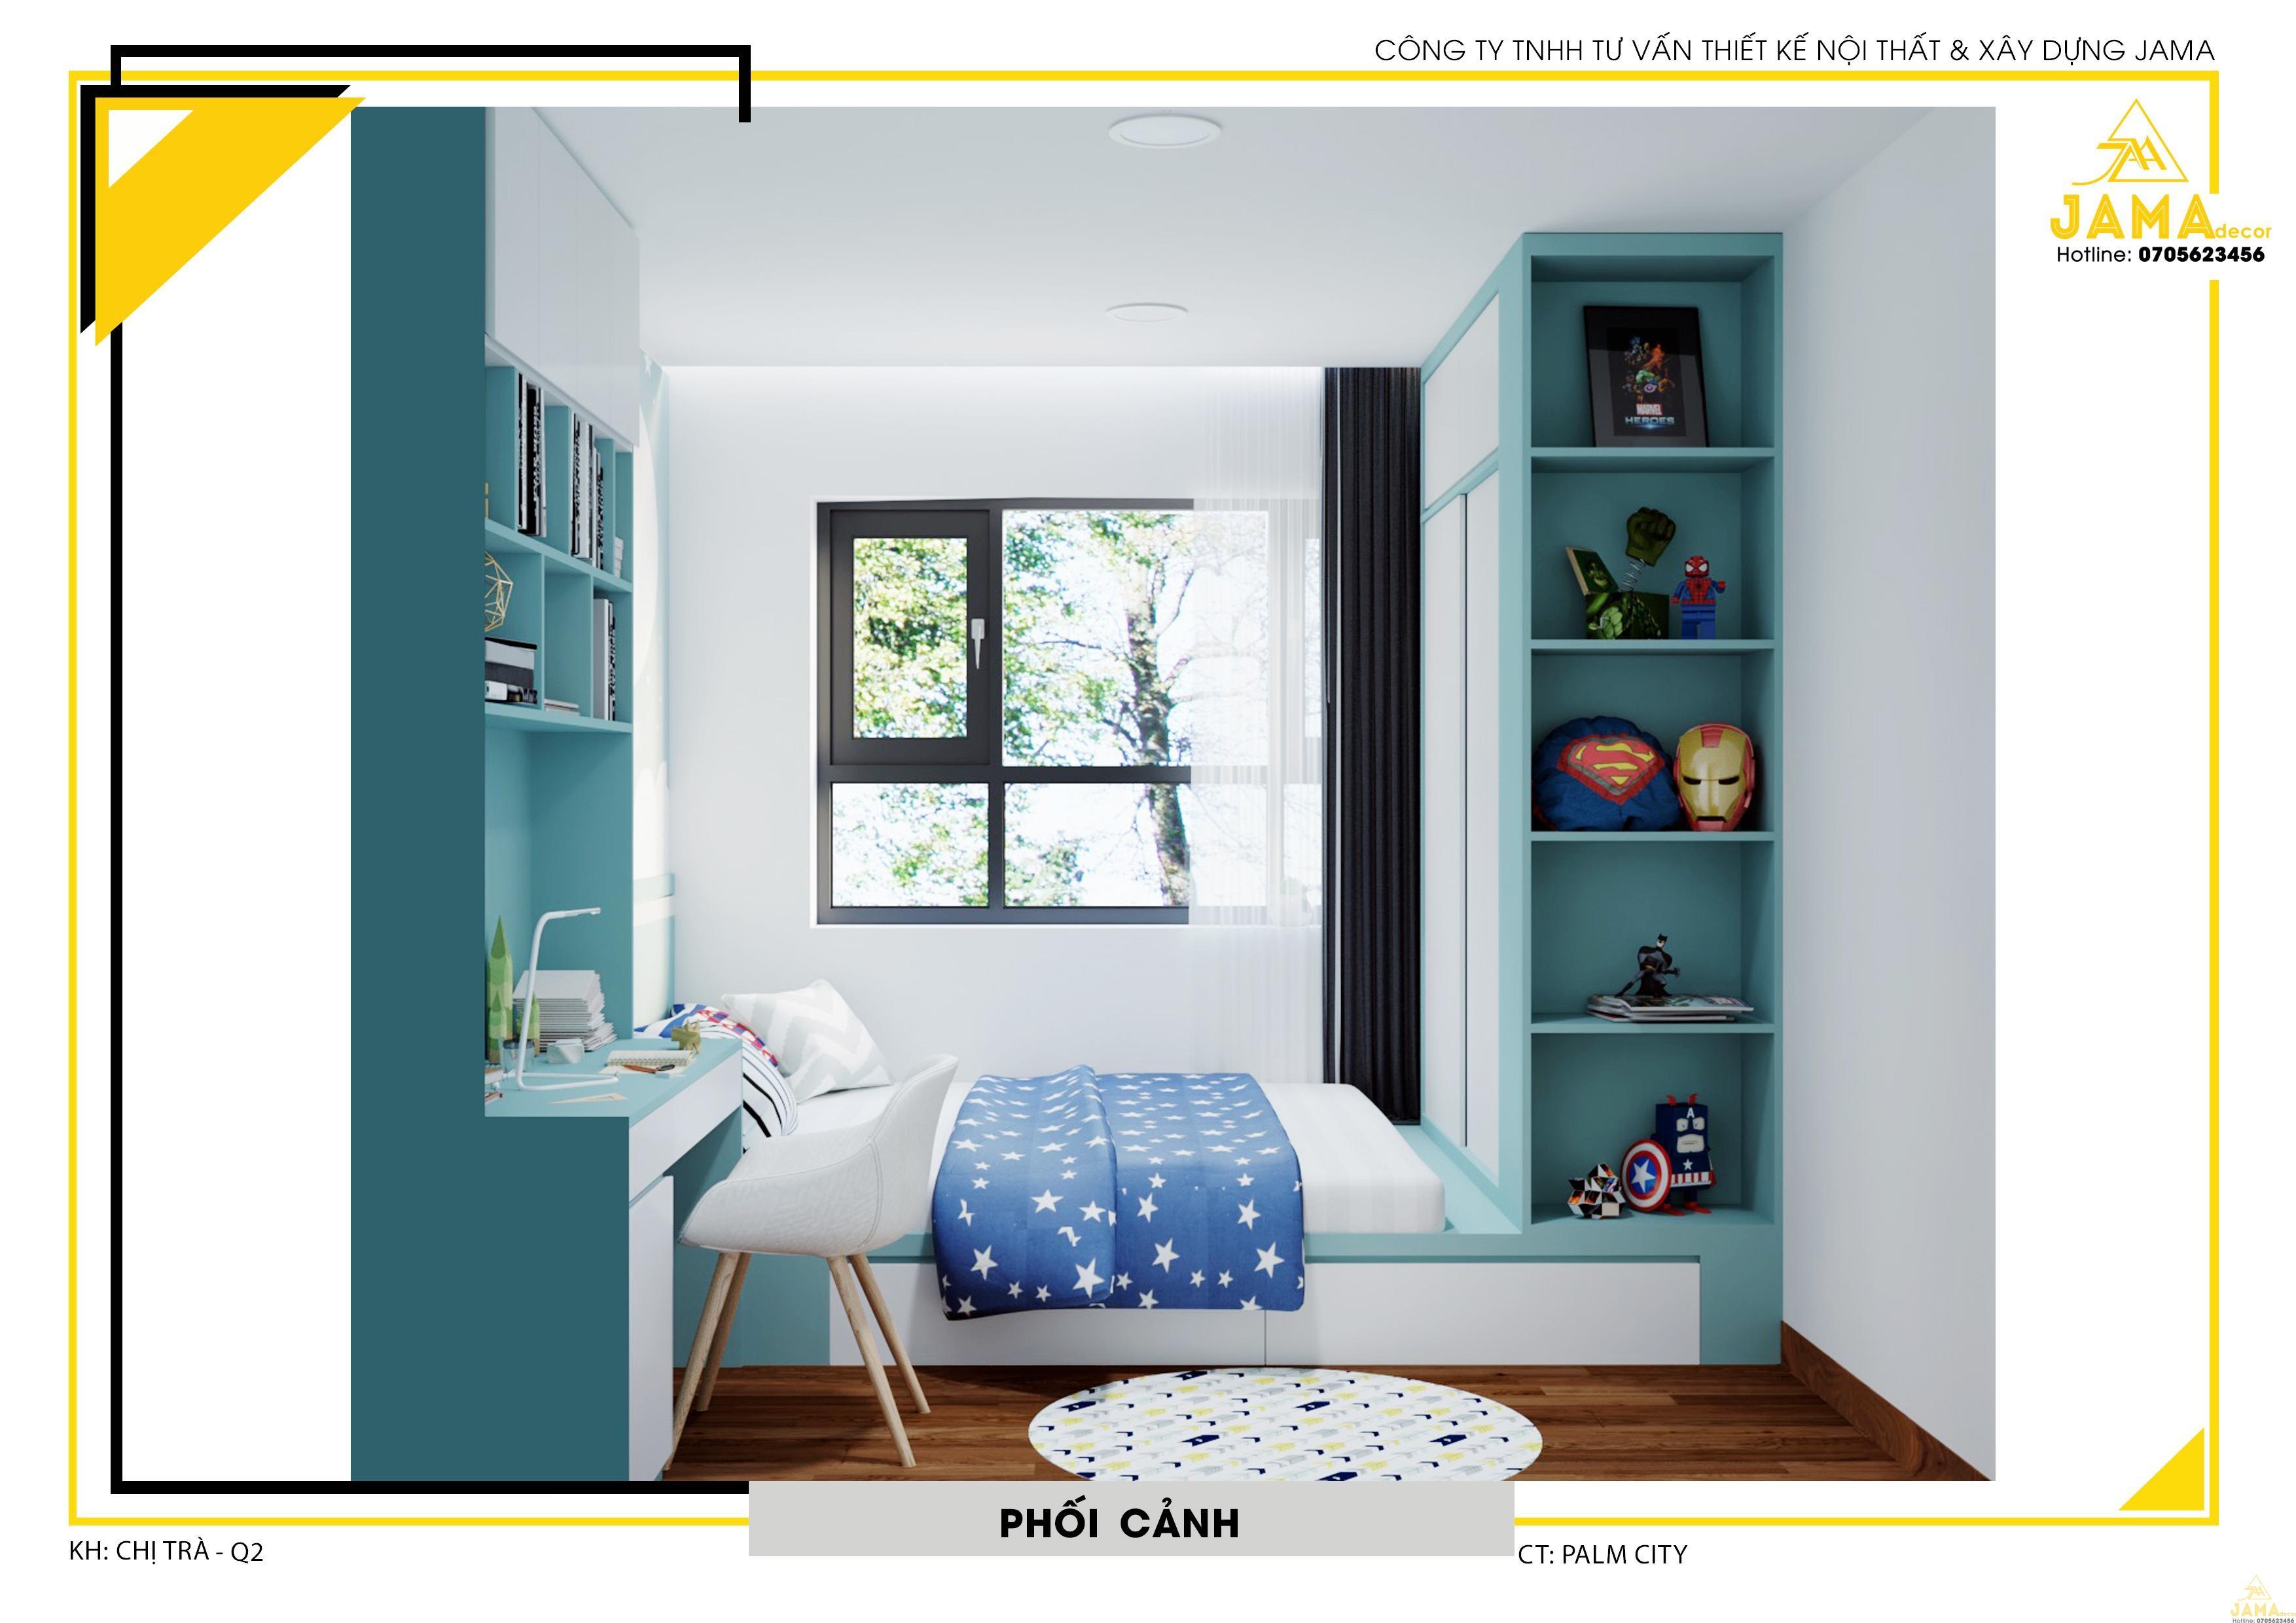 Thiết kế nội thất phòng ngủ cho bé căn hộ Palm Heights.